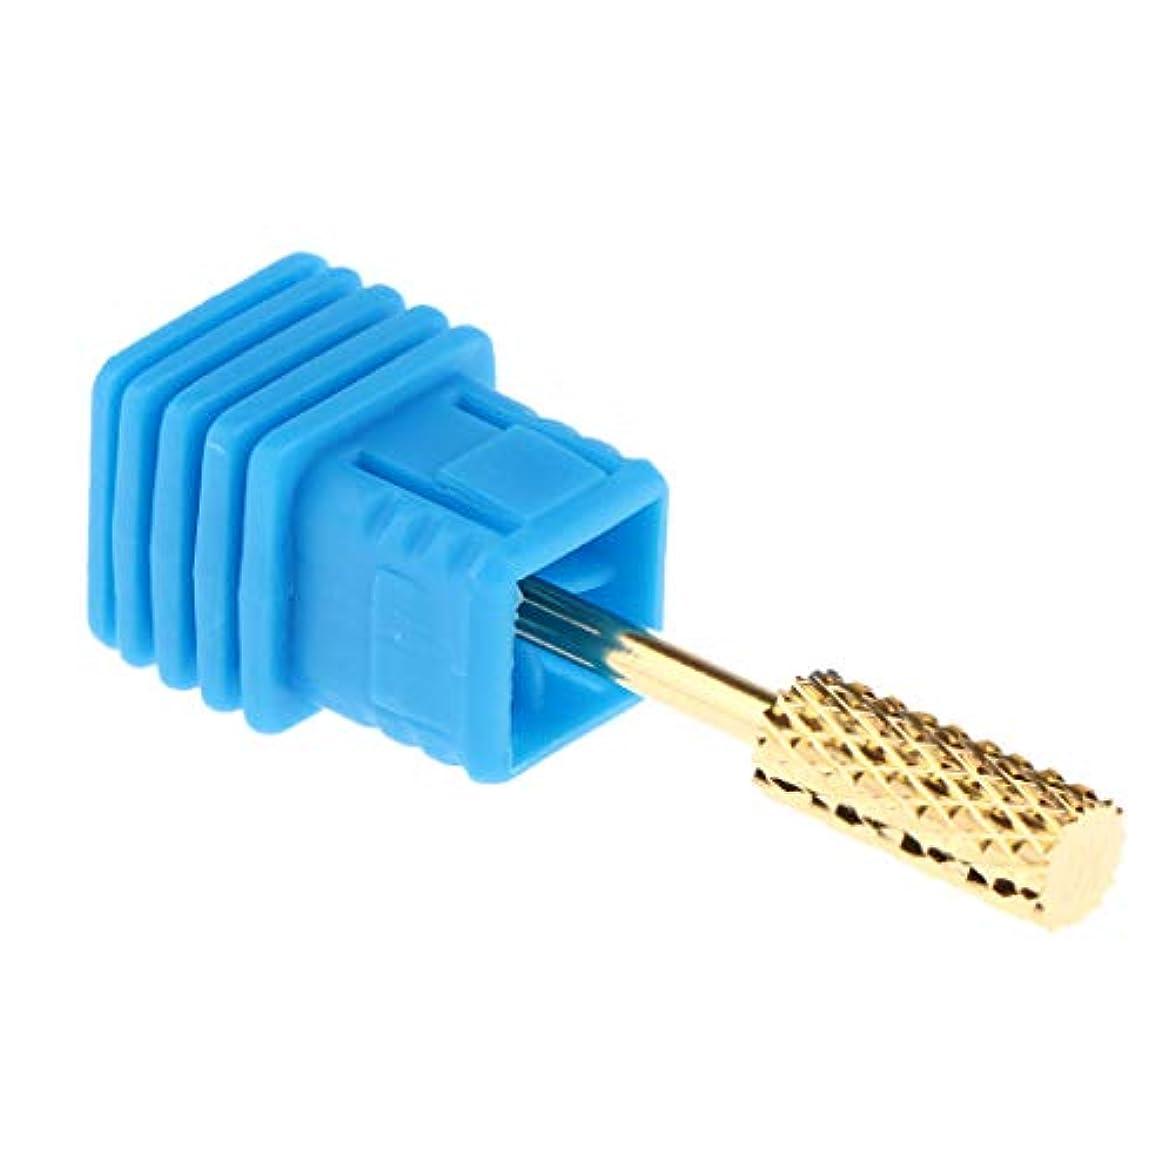 信号学士生じる手入れの行き届いたネイルネイルのためのヘッドを挽く電気ネイルドリルビット - XC